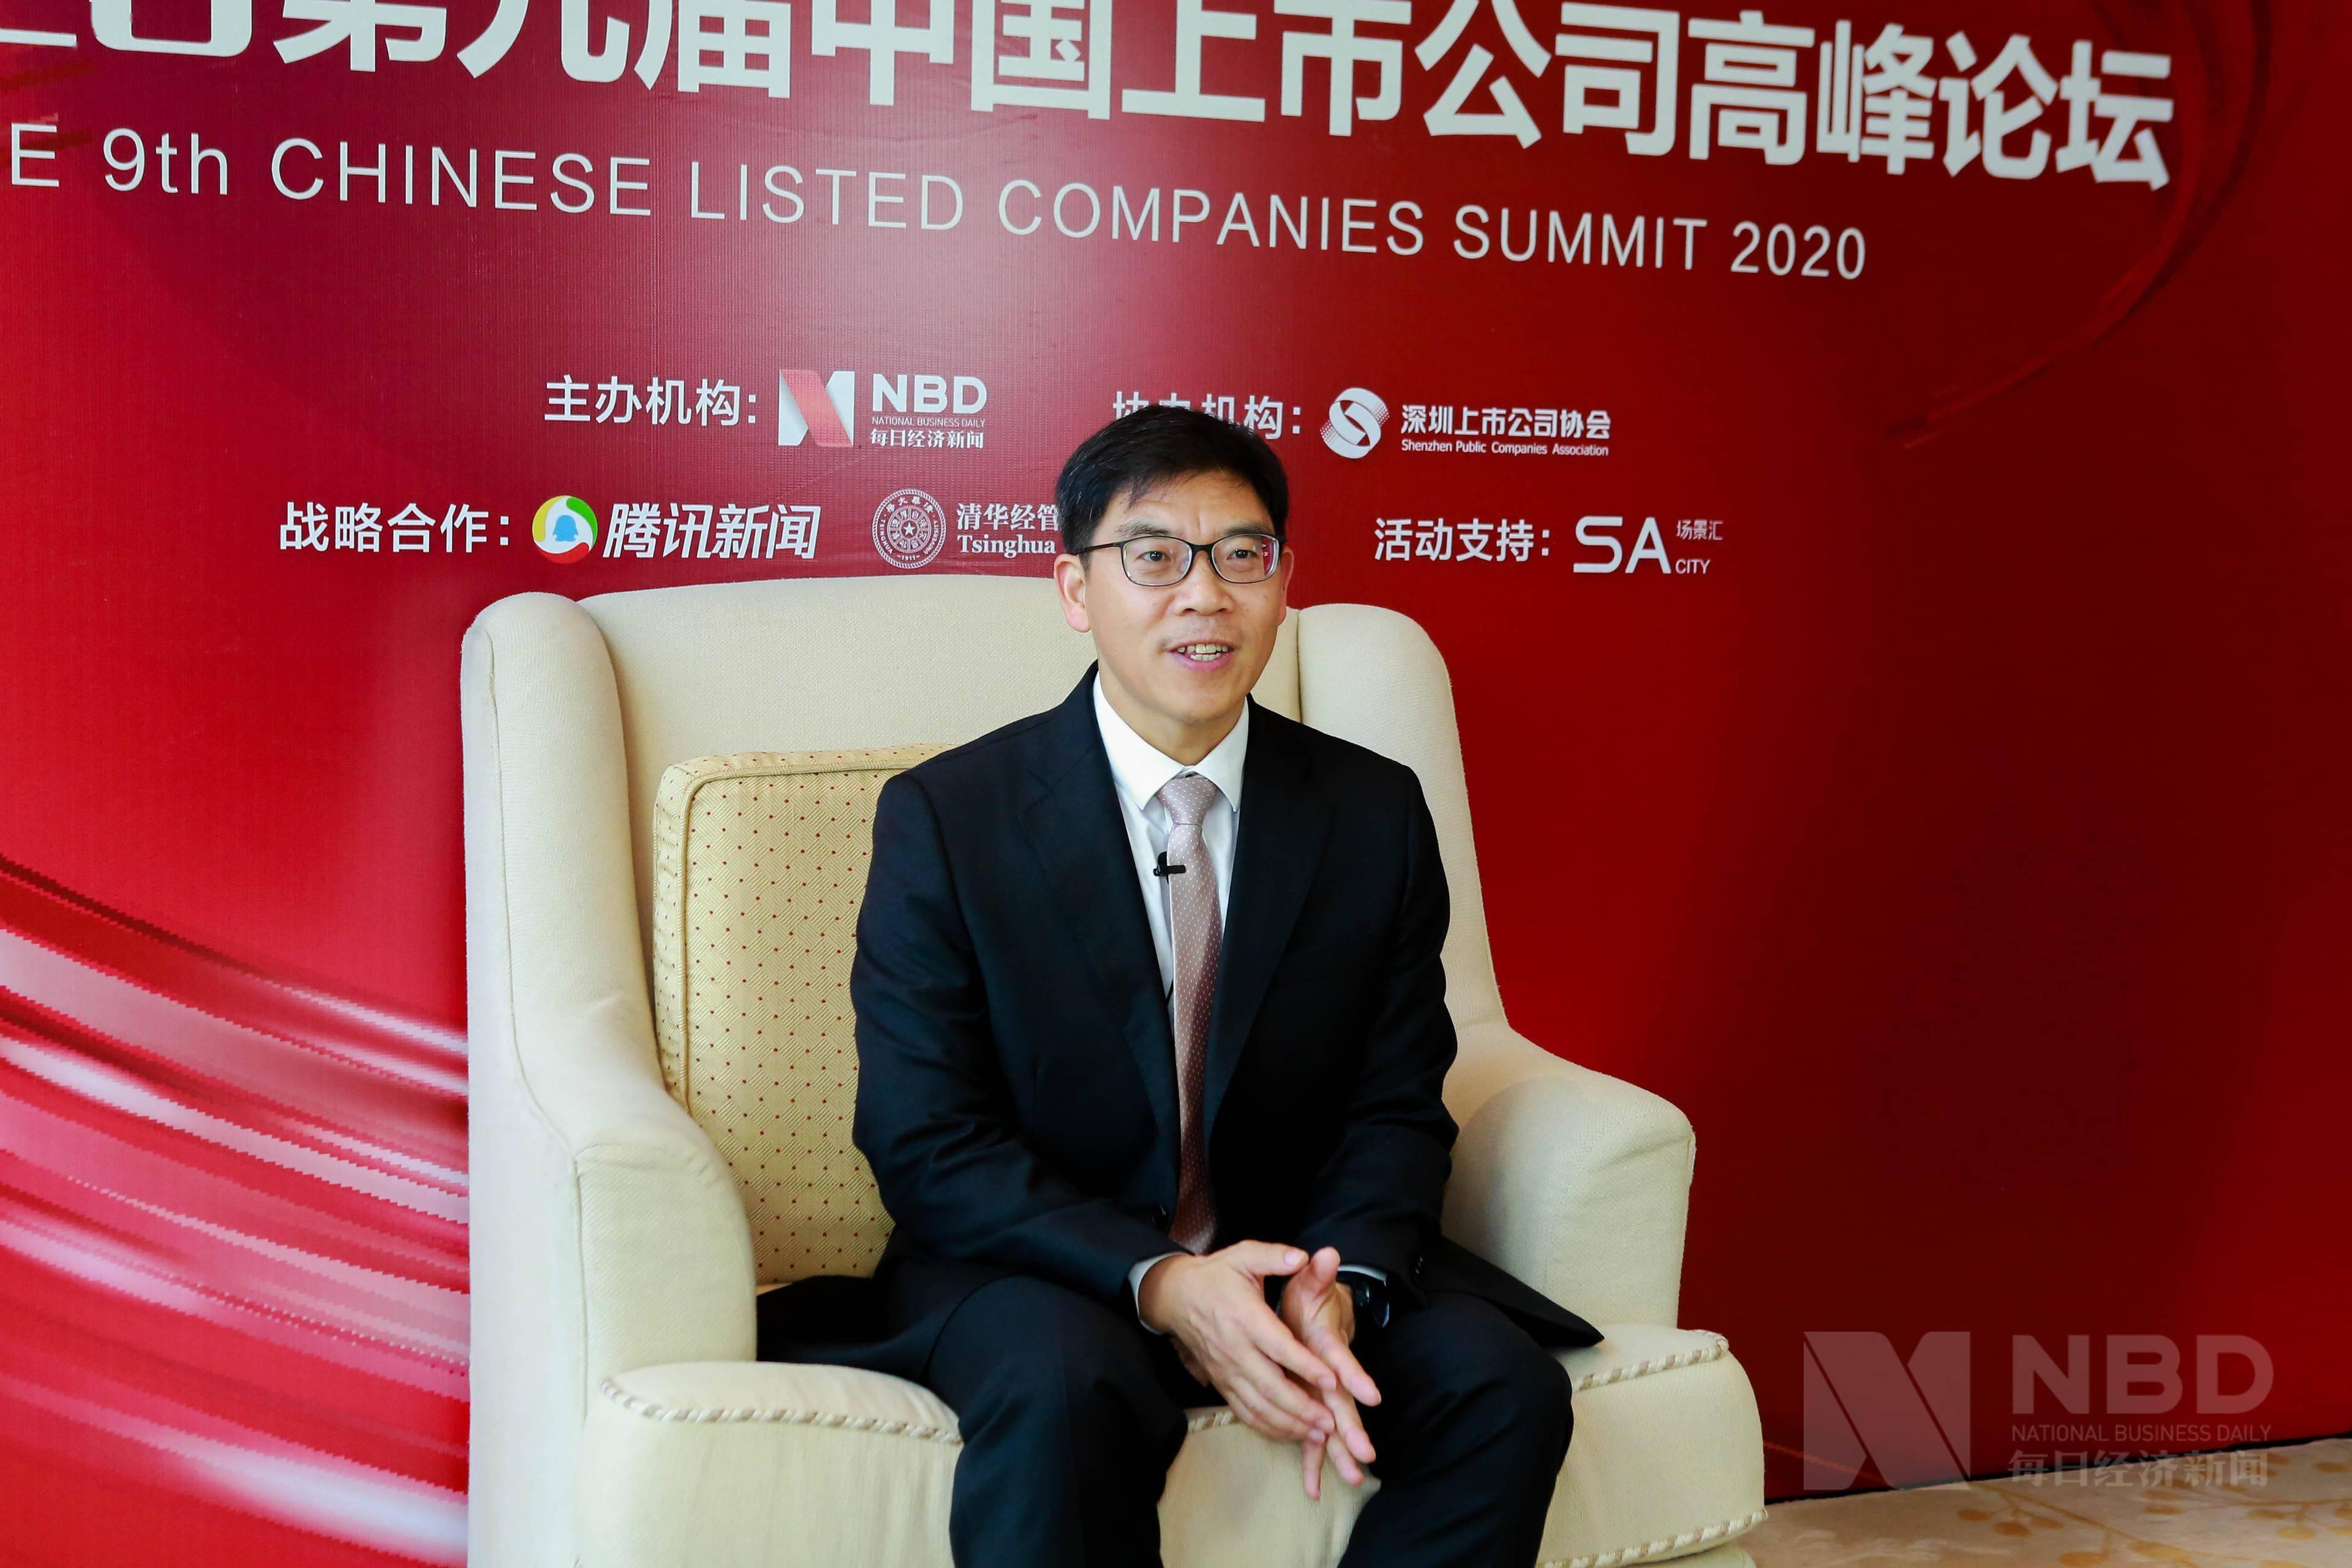 专访高能环境执行董事长凌锦明:疫情重压下 预计仍可完成年度经营目标